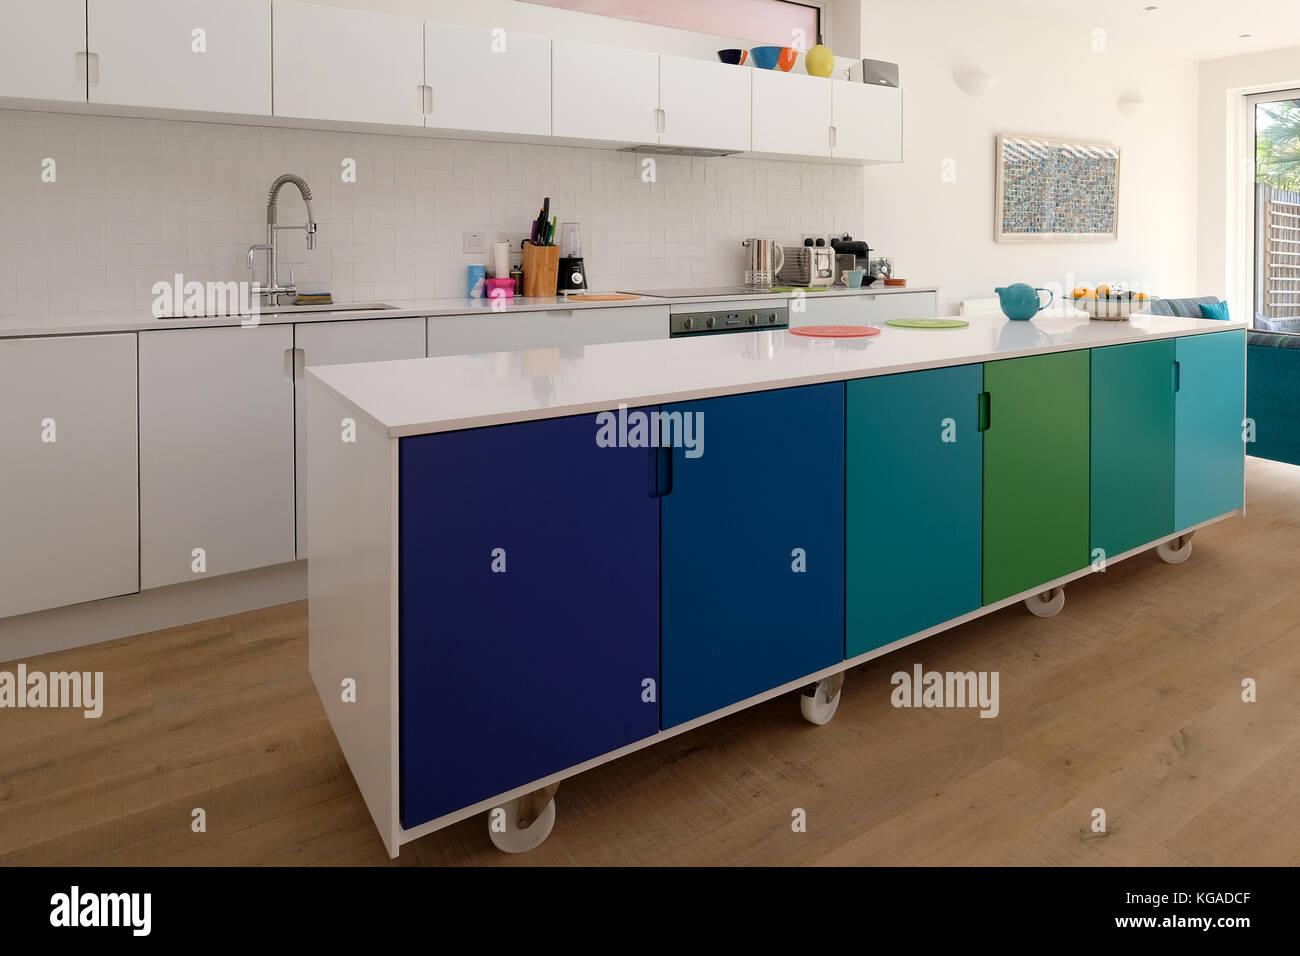 Kitchen Cabinets Imágenes De Stock & Kitchen Cabinets Fotos De Stock ...